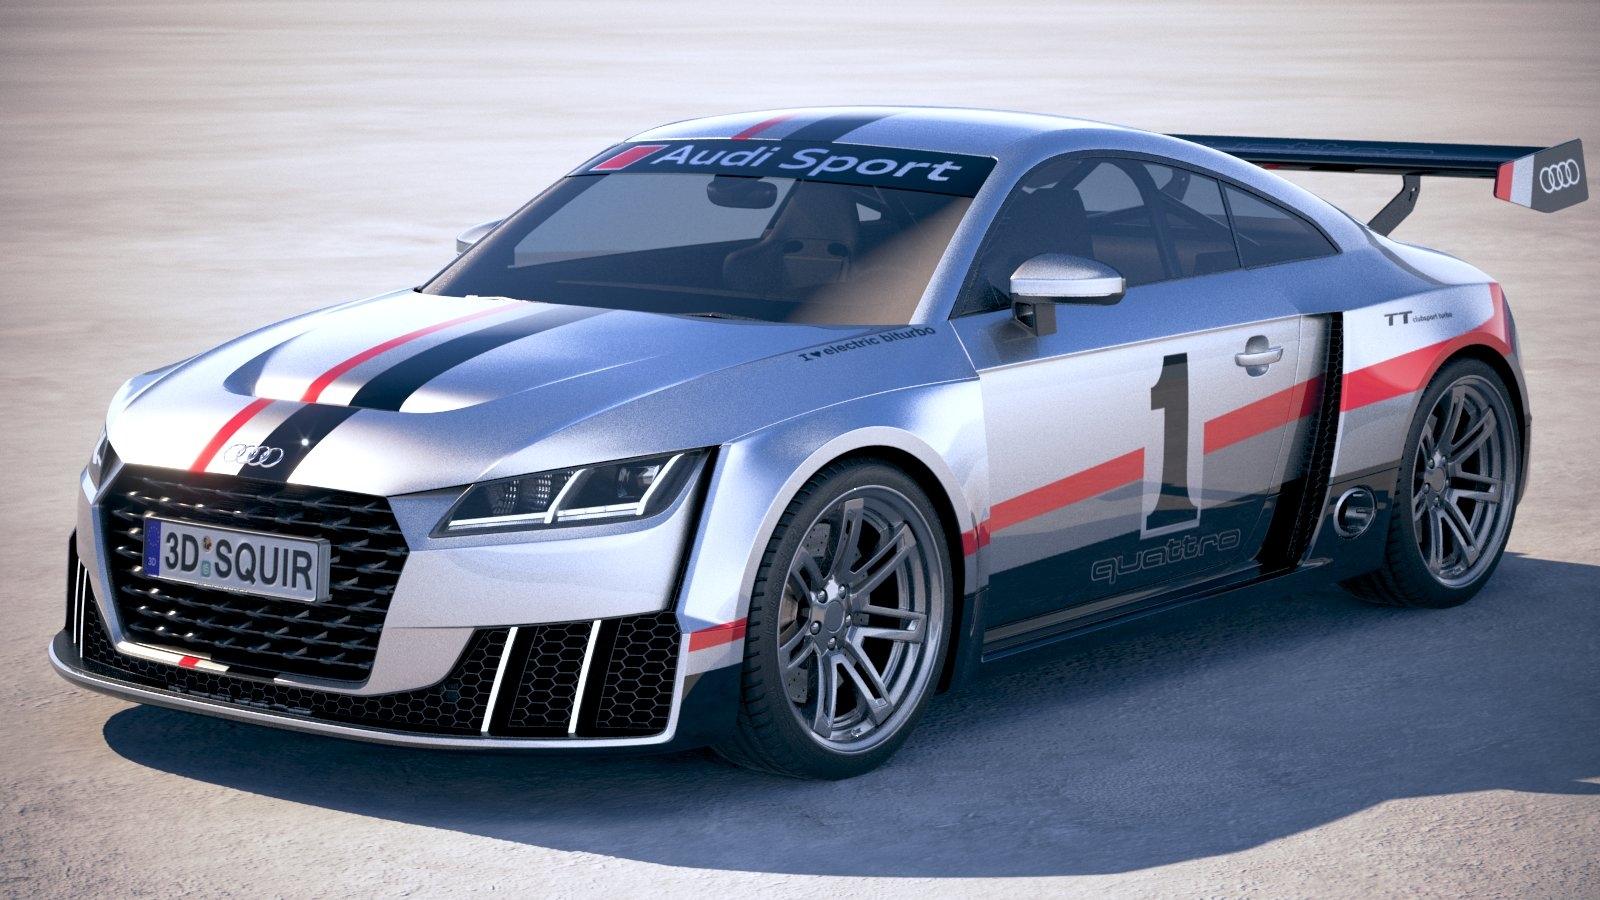 Audi Tt Rs >> Audi Tt Rs Clubsport Turbo 2017